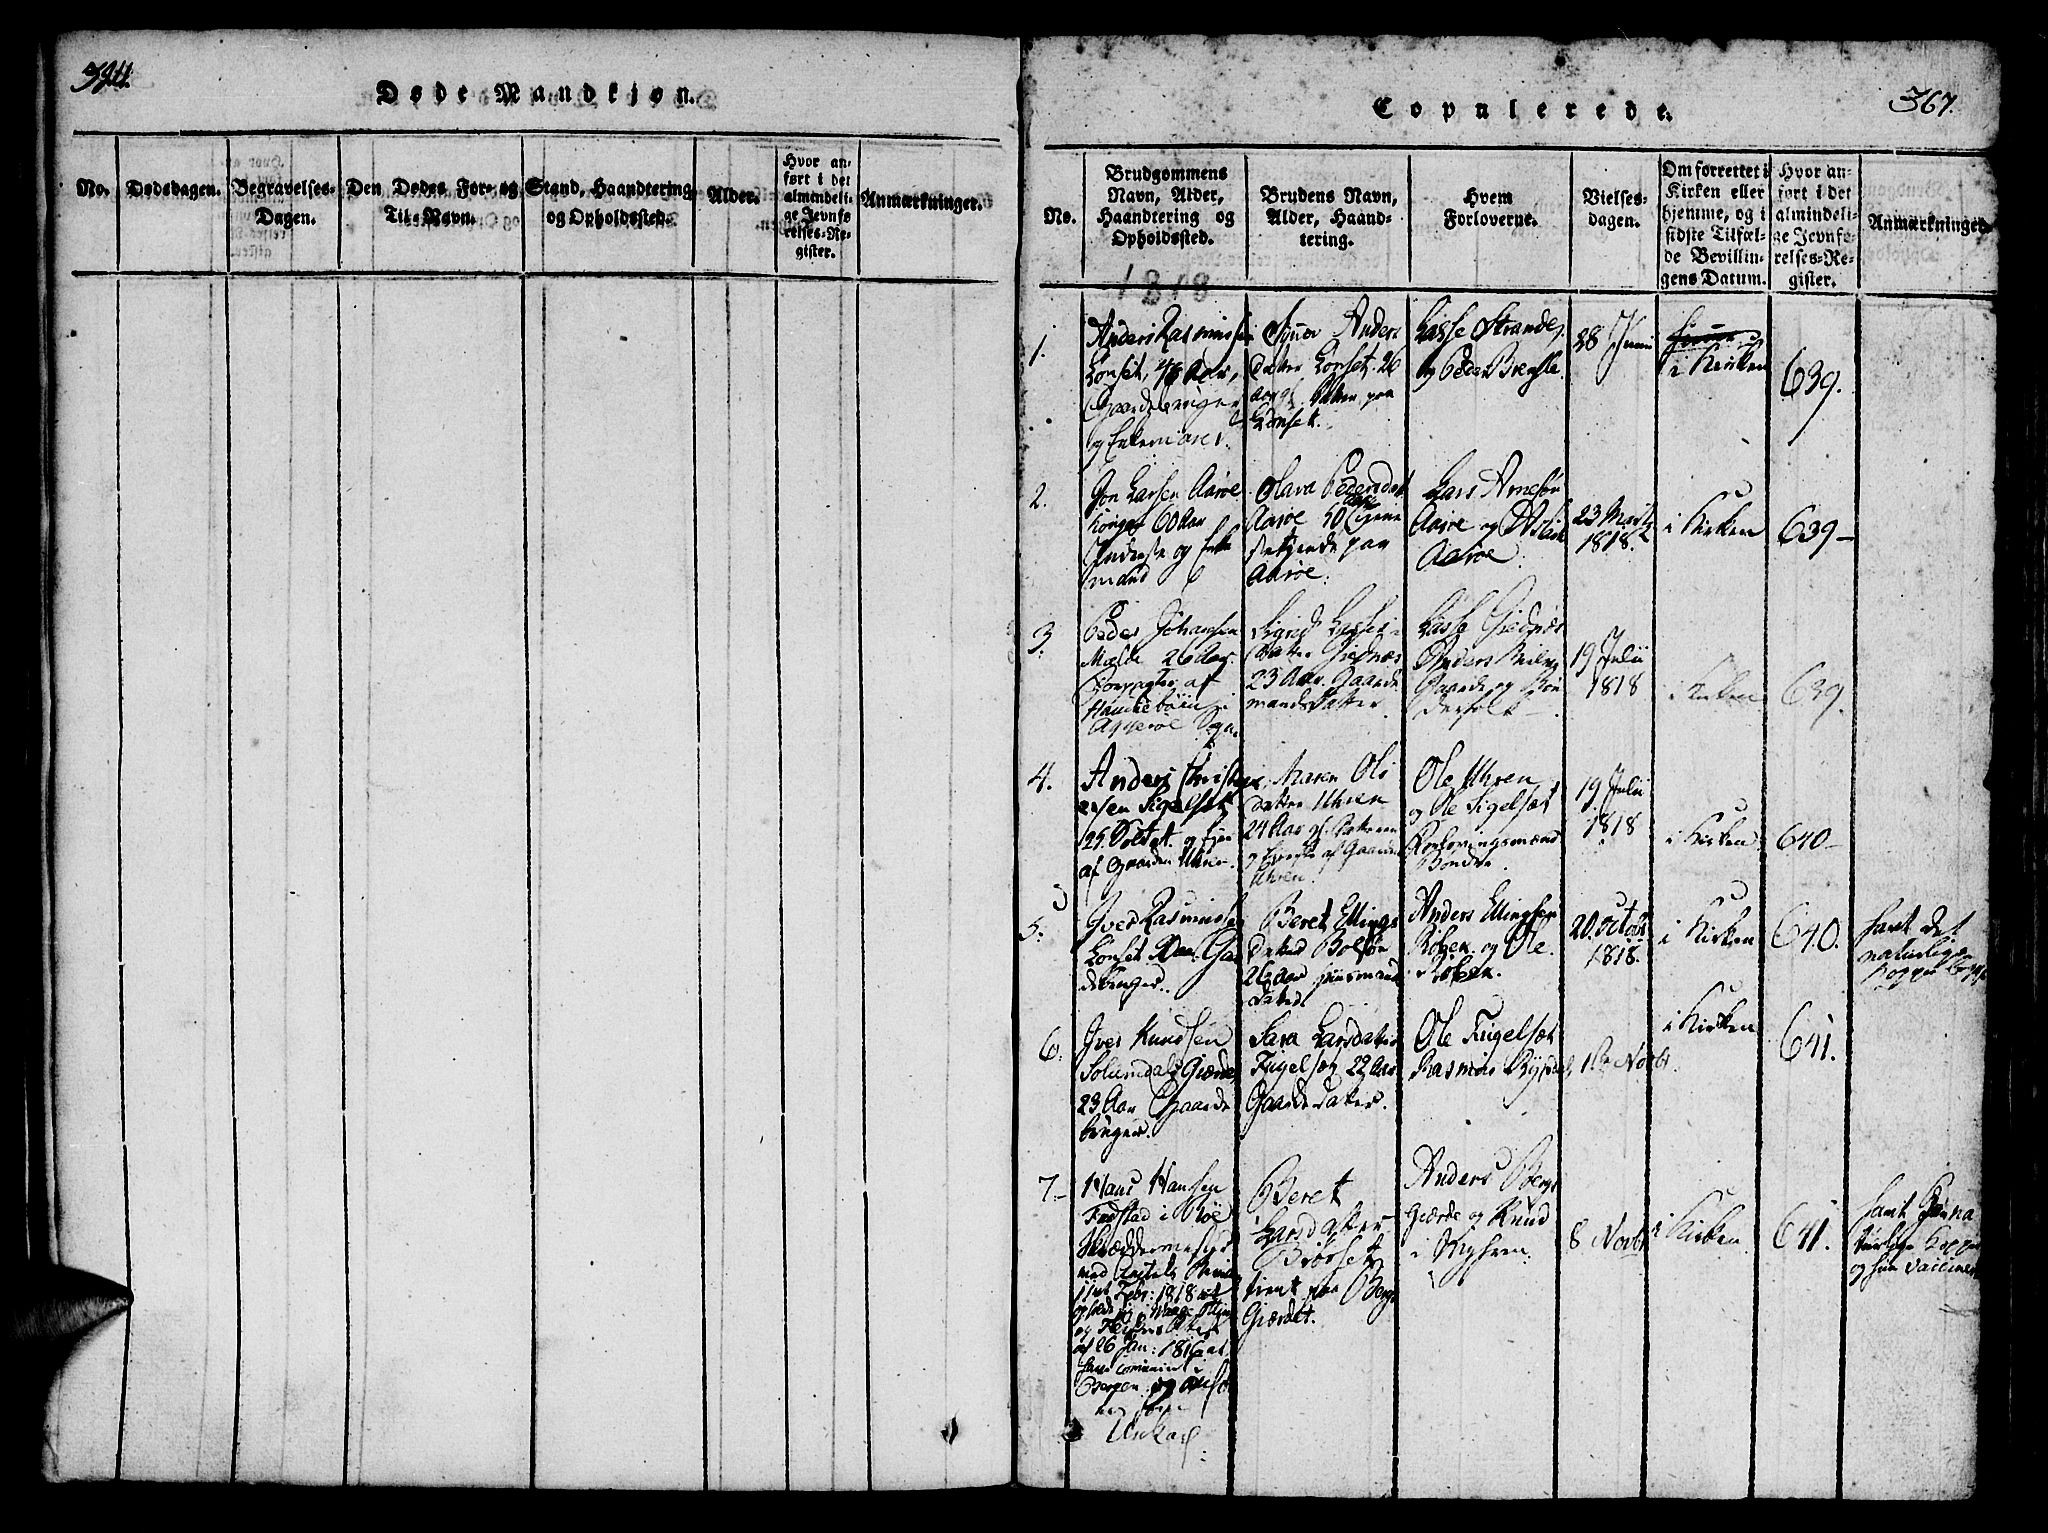 SAT, Ministerialprotokoller, klokkerbøker og fødselsregistre - Møre og Romsdal, 555/L0652: Ministerialbok nr. 555A03, 1817-1843, s. 366-367